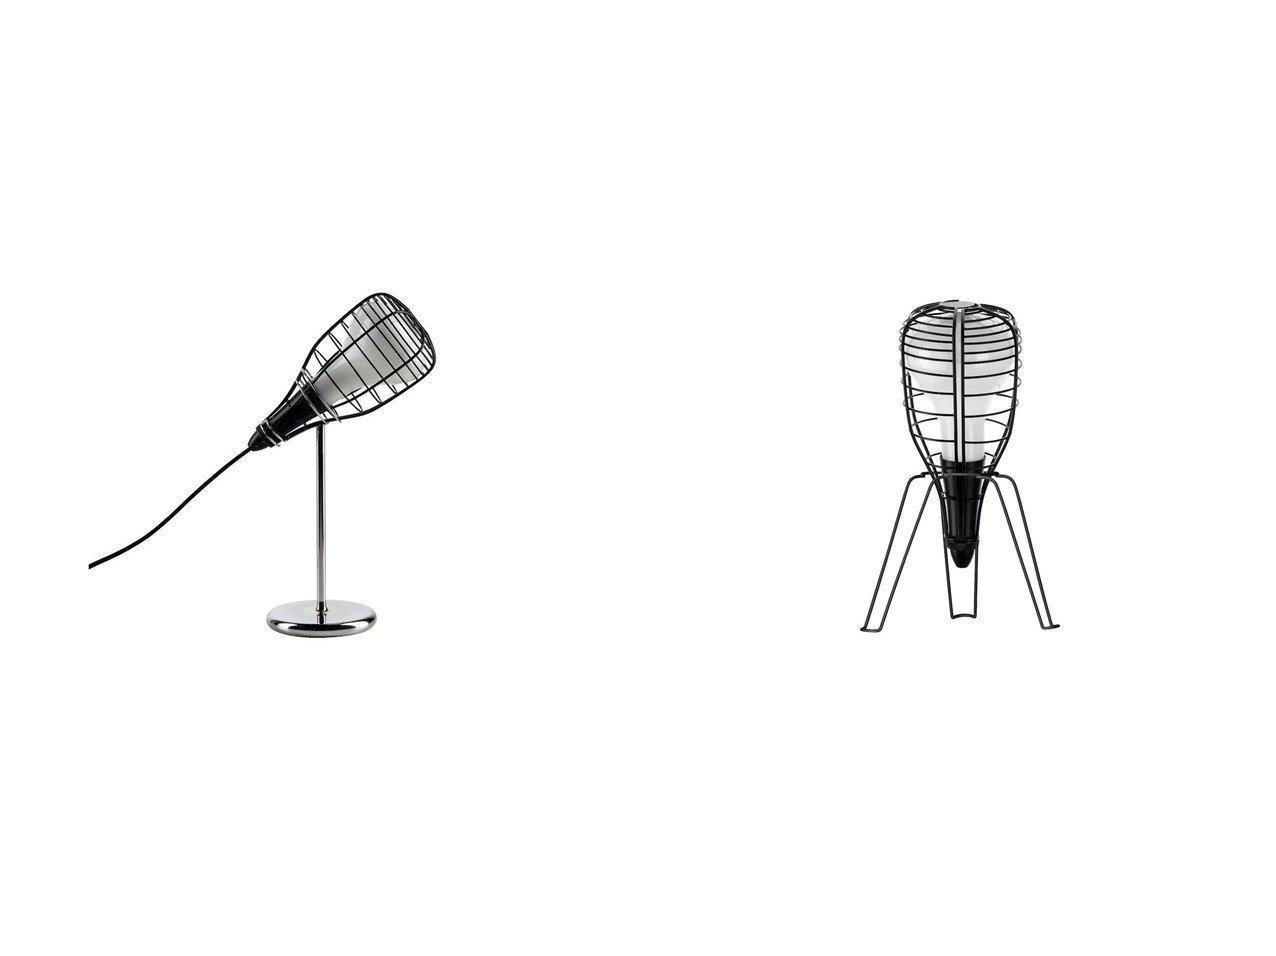 【DIESEL with FOSCARINI/ディーゼル ウィズ フォスカリーニ】のケージ マイク テーブルライト&ケージ ロケット テーブルライト 【FURNITURE ライト・照明】おすすめ!人気、インテリア雑貨・家具の通販 おすすめで人気の流行・トレンド、ファッションの通販商品 インテリア・家具・メンズファッション・キッズファッション・レディースファッション・服の通販 founy(ファニー) https://founy.com/ 送料無料 Free Shipping スタイリッシュ スタンド テーブル ホーム・キャンプ・アウトドア Home,Garden,Outdoor,Camping Gear 家具・インテリア Furniture ライト・照明 Lighting & Light Fixtures デスクライト・テーブルライト  ID:crp329100000052356